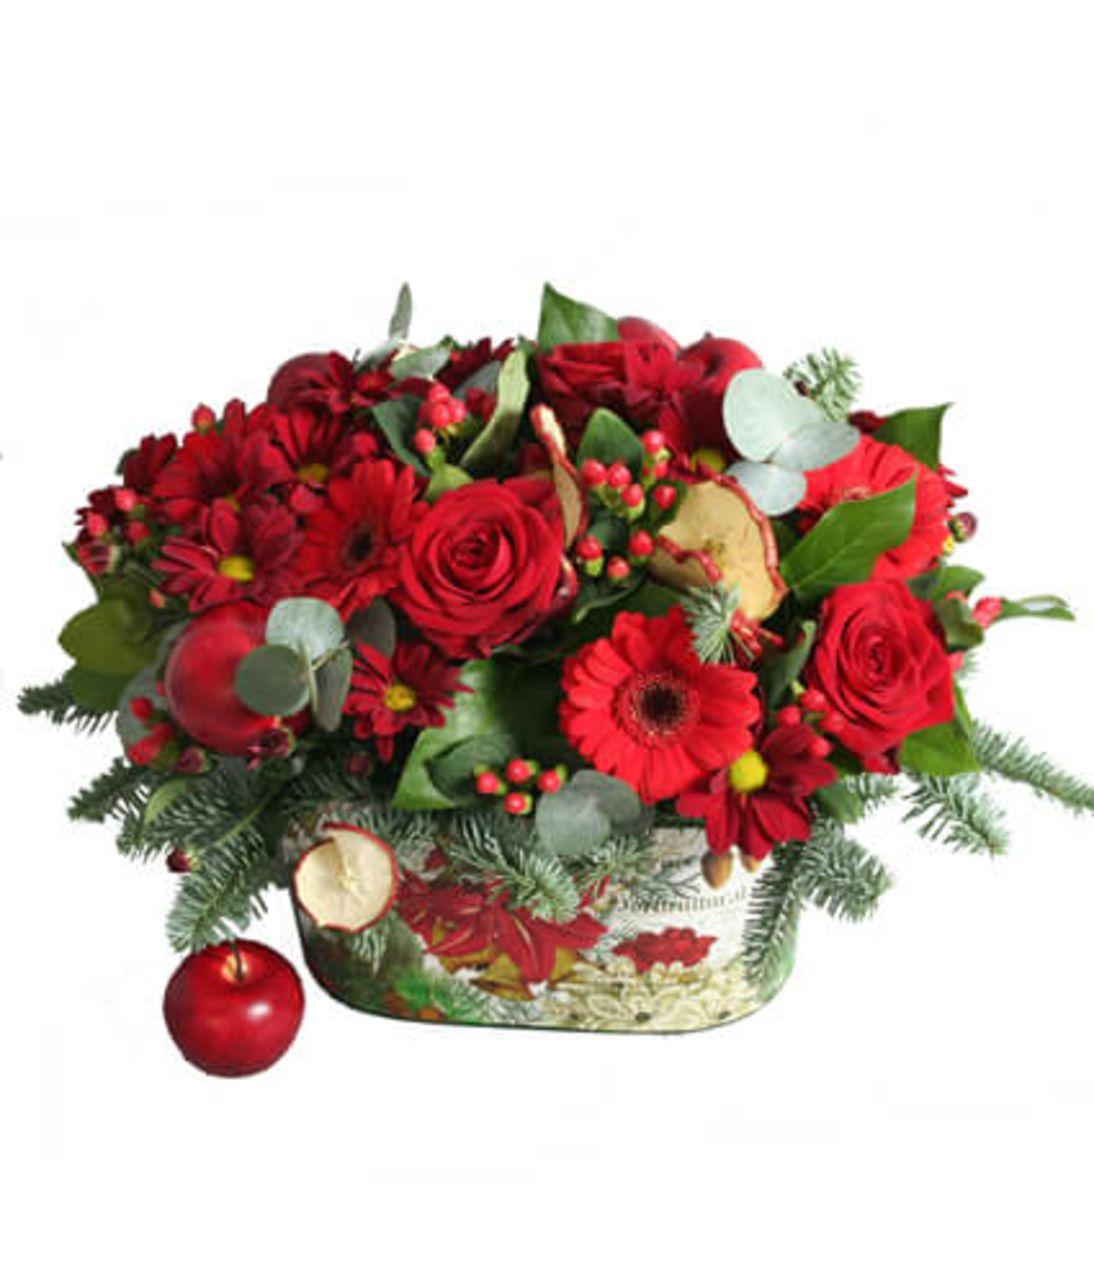 Новорічна композиція №2. Superflowers.com.ua